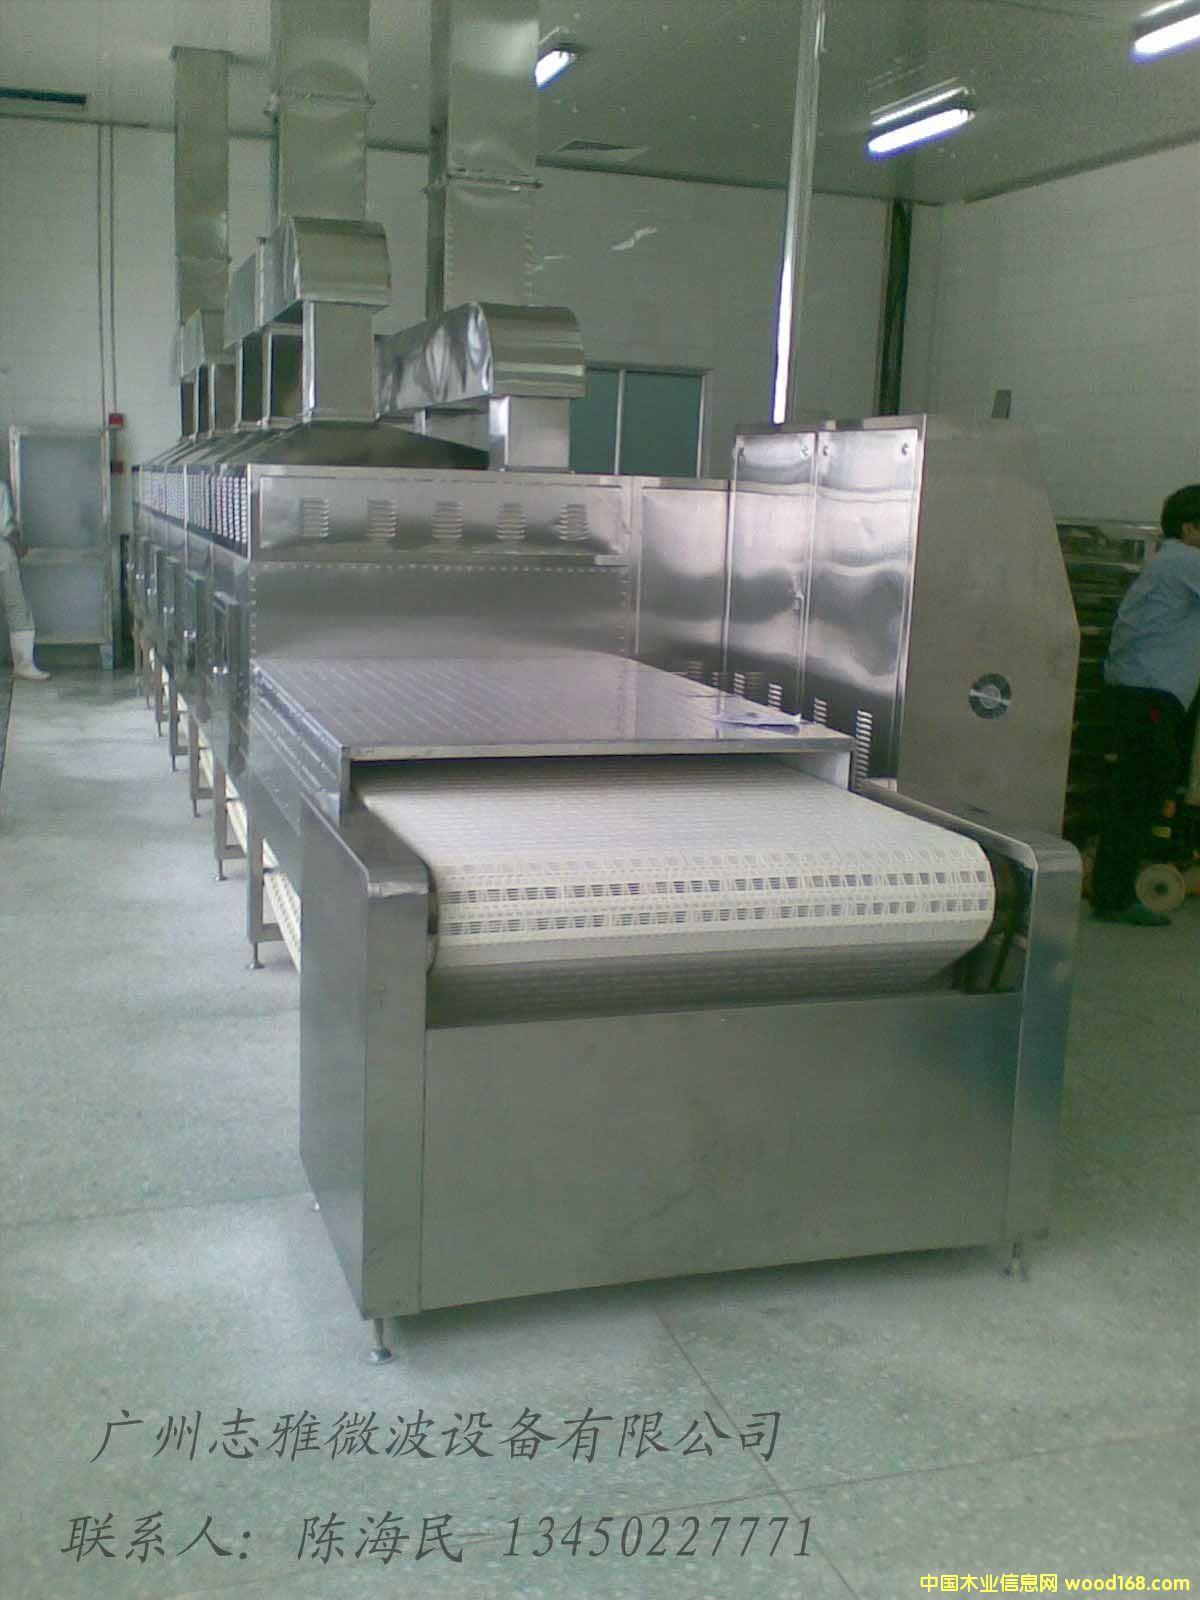 产品规格: 量身订做 详细描述: 隧道式食品解冻微波设备具有如下特点